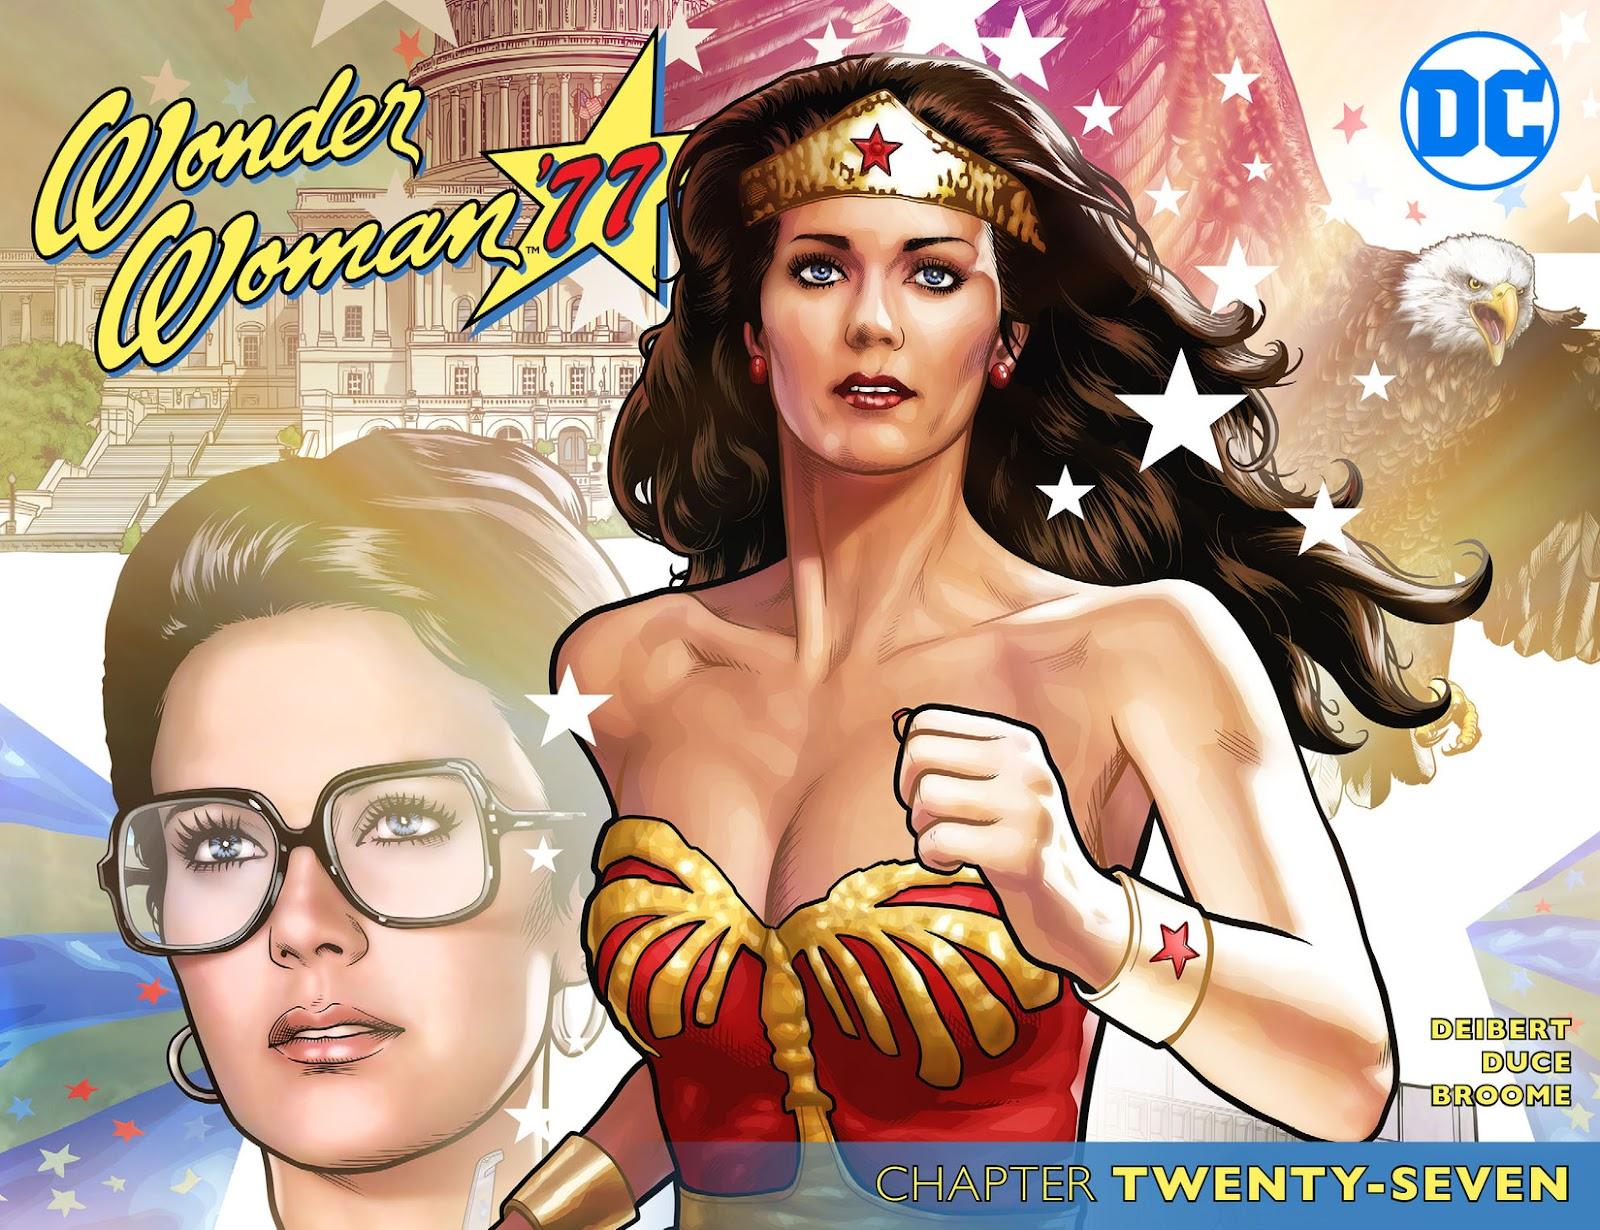 Wonder Woman 77 [I] 27 Page 1